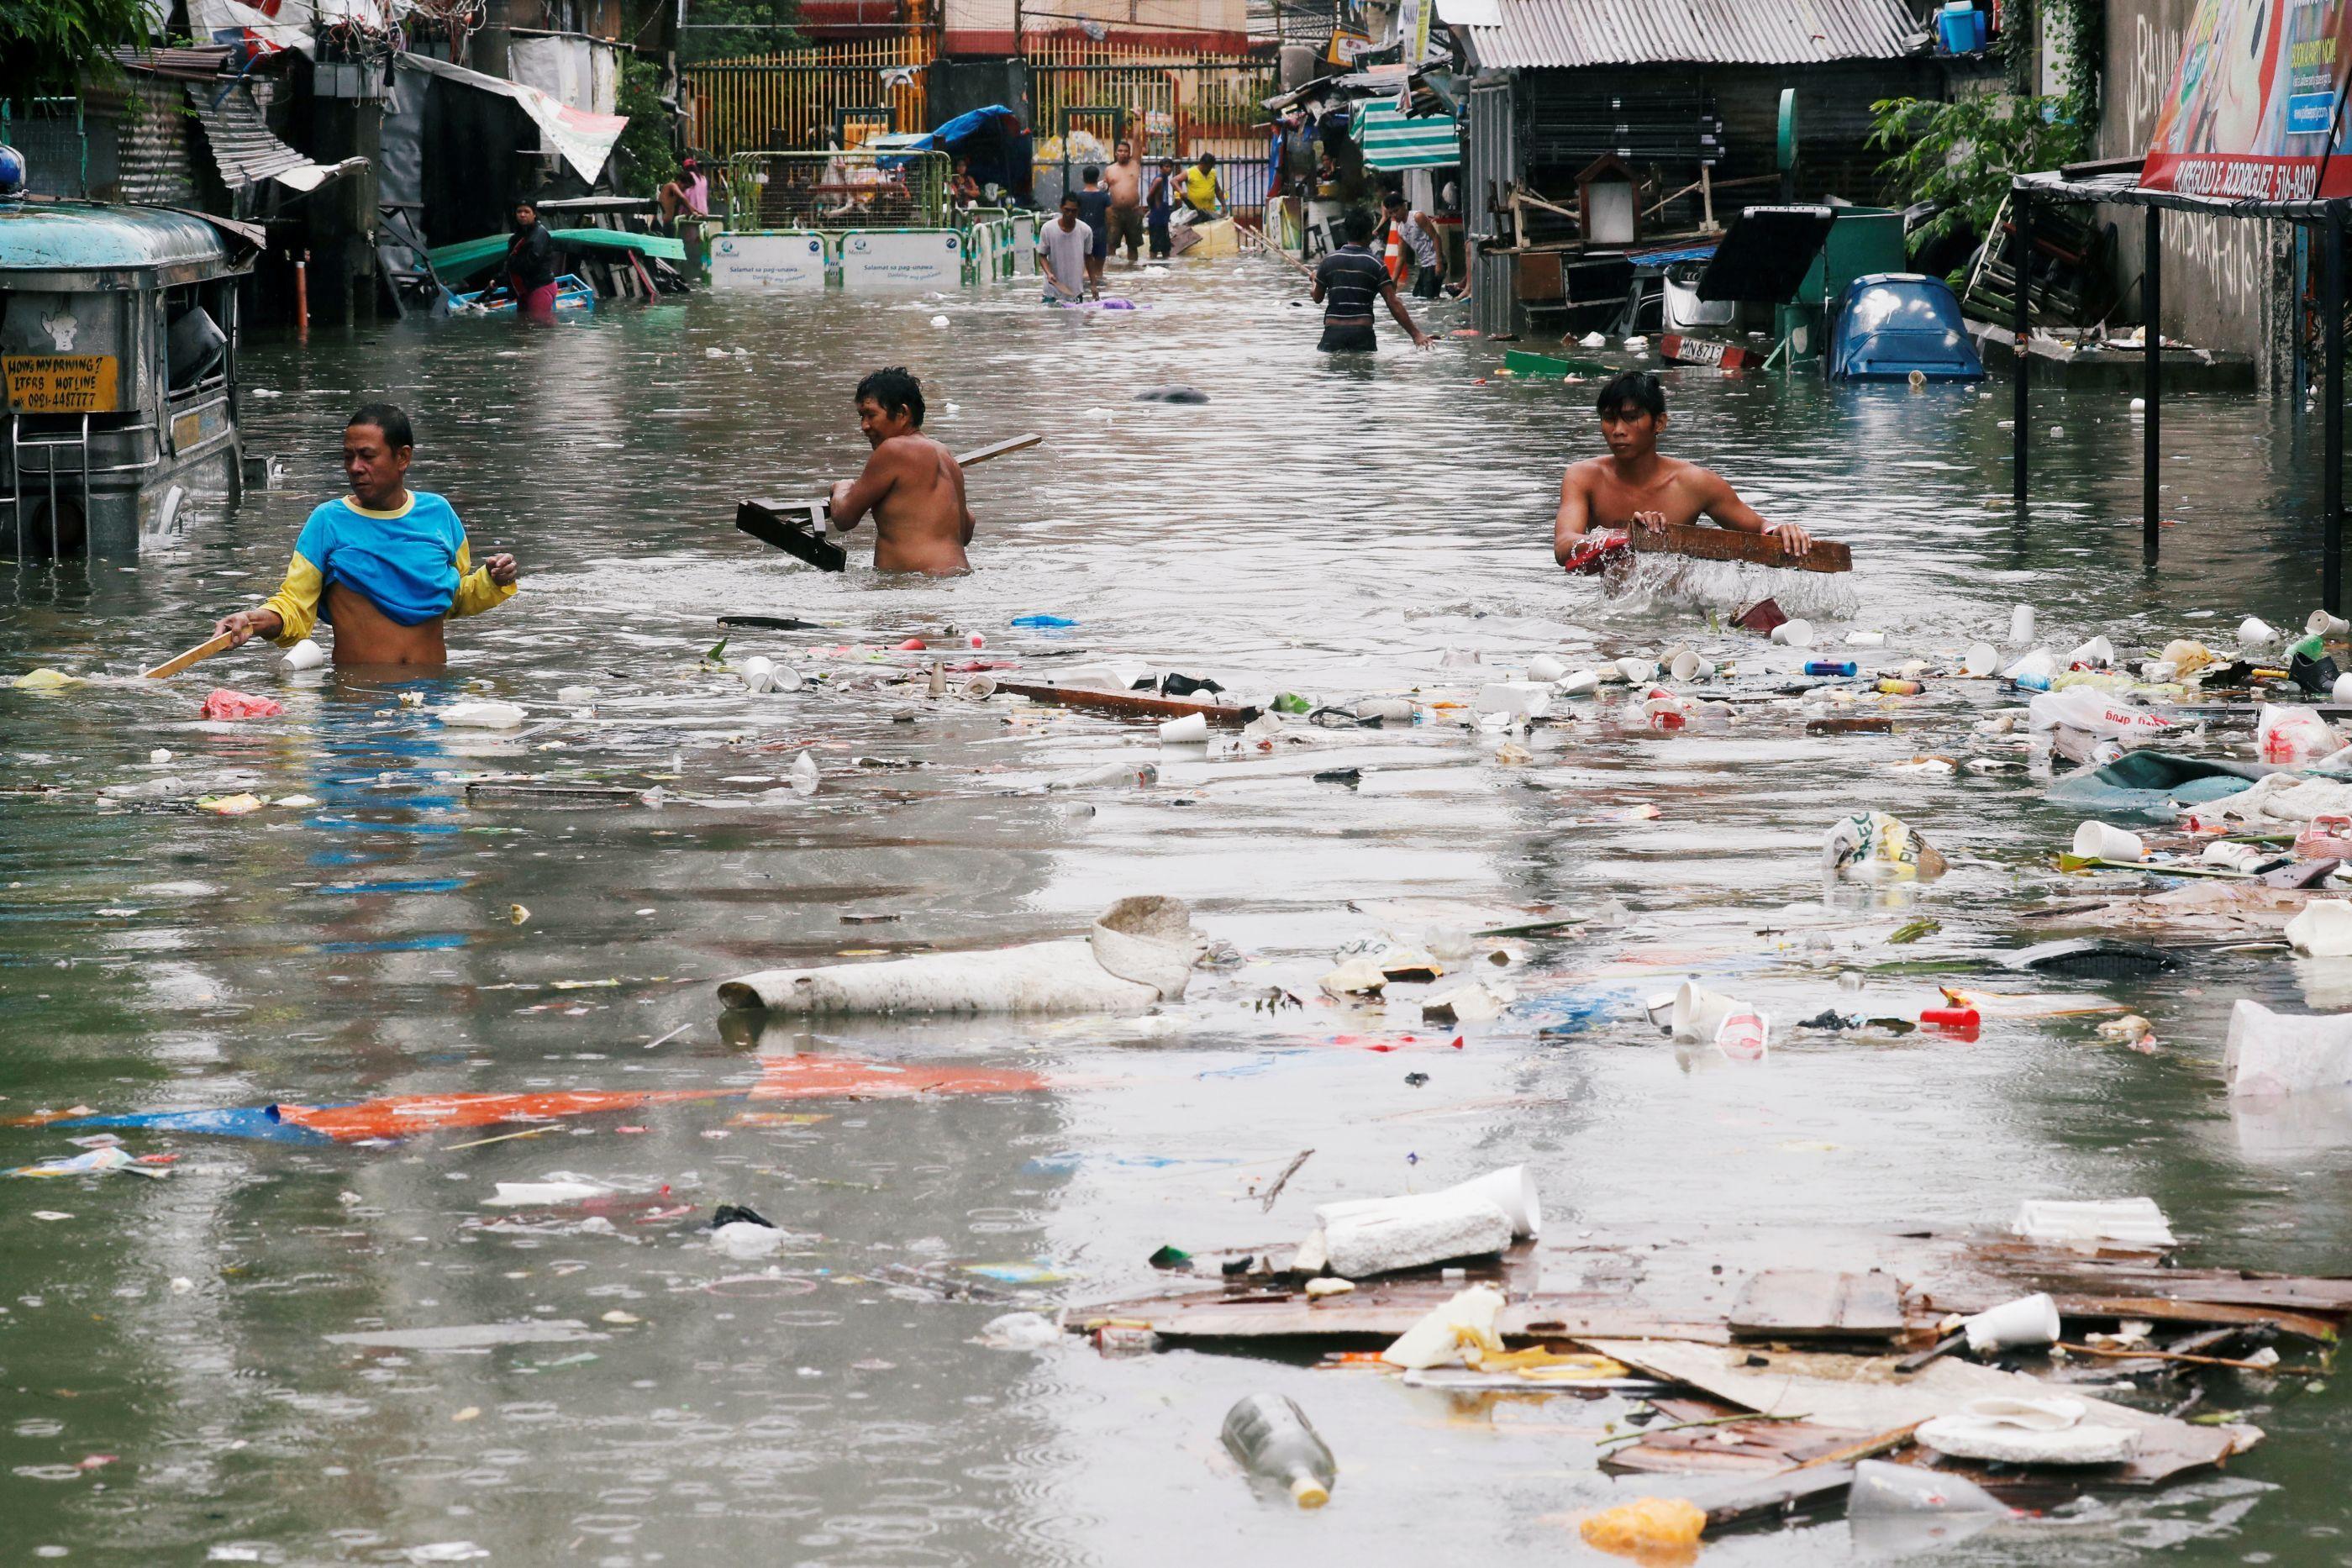 Oito mil pessoas retiradas de casa devido às inundações nas Filipinas